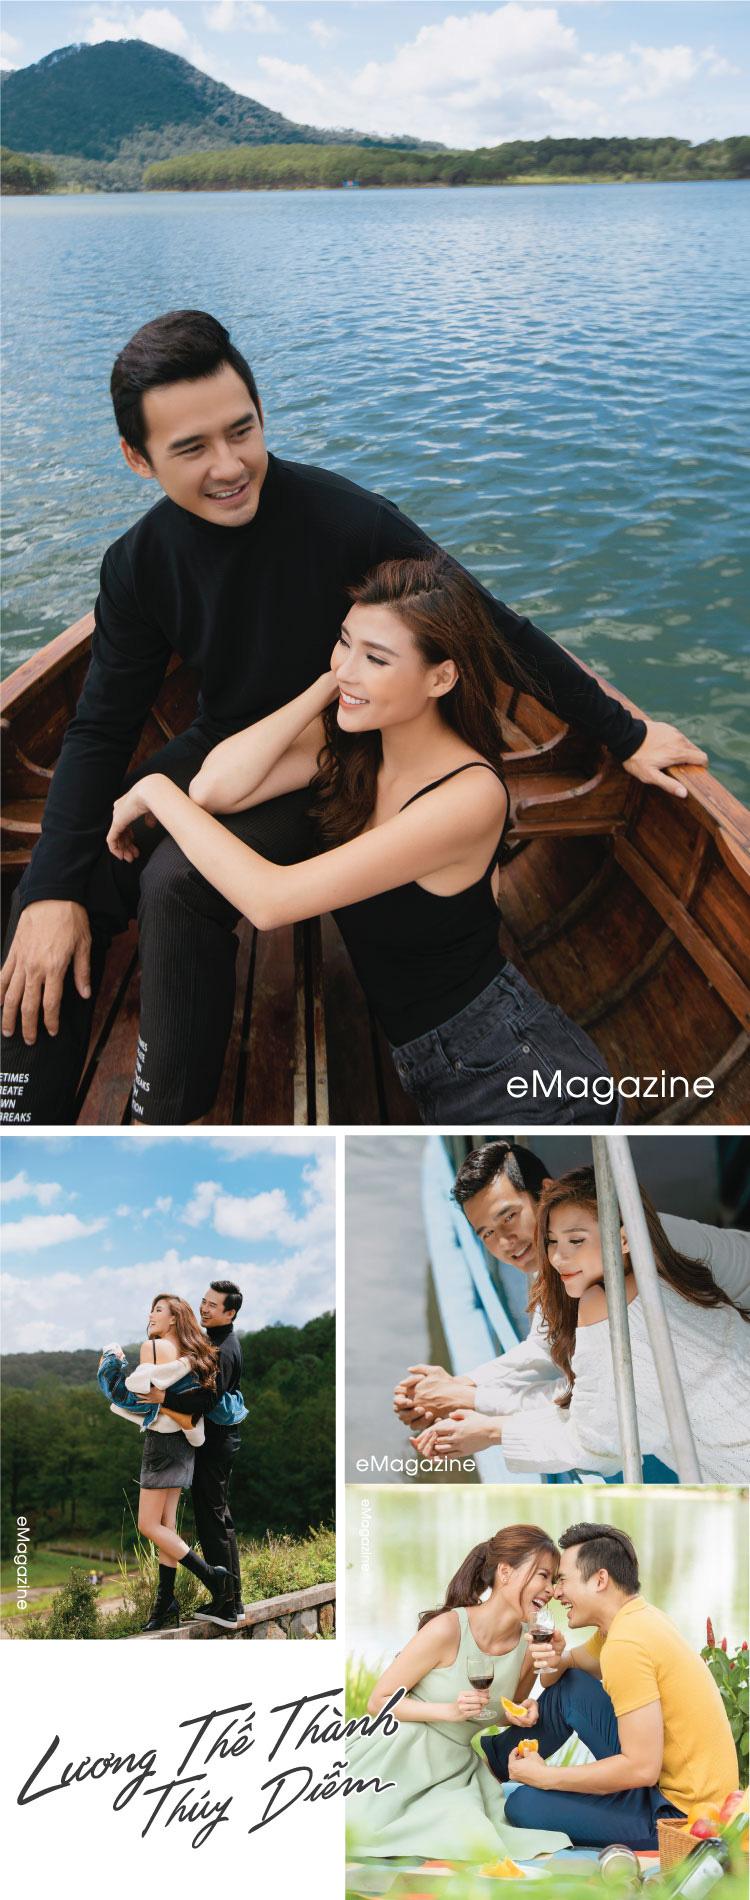 [eMagazine] Cặp đôi Lương Thế Thành - Thúy Diễm mạnh miệng...  tố nhau - Ảnh 6.